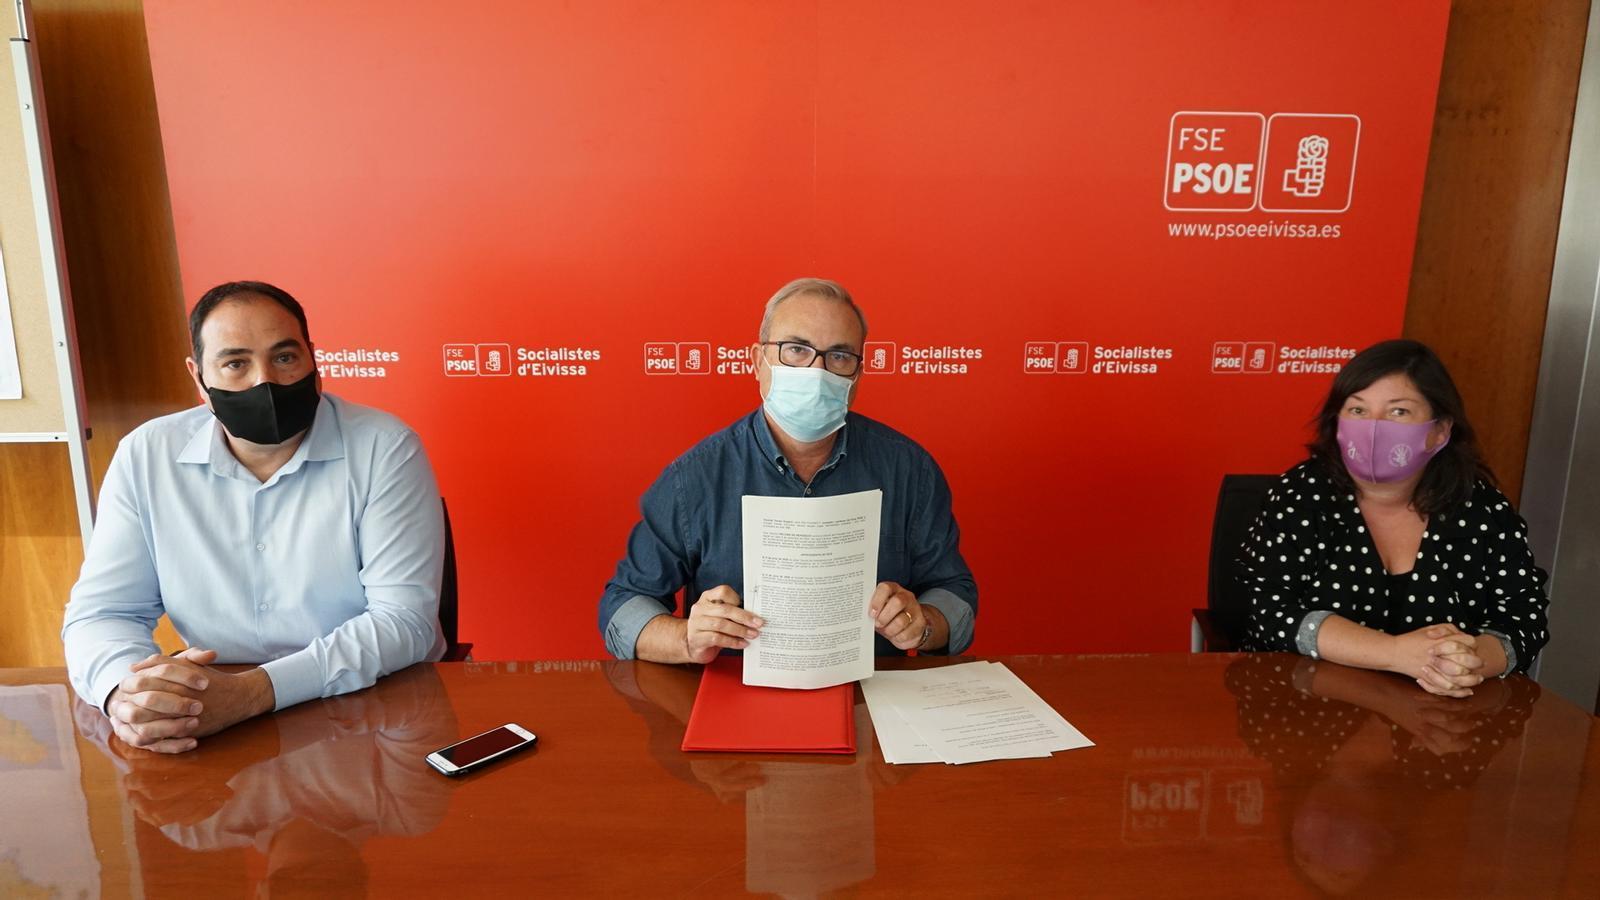 Roda de premsa en la que el partit socialista ha presentat el recurs de reposició contra el decret del president